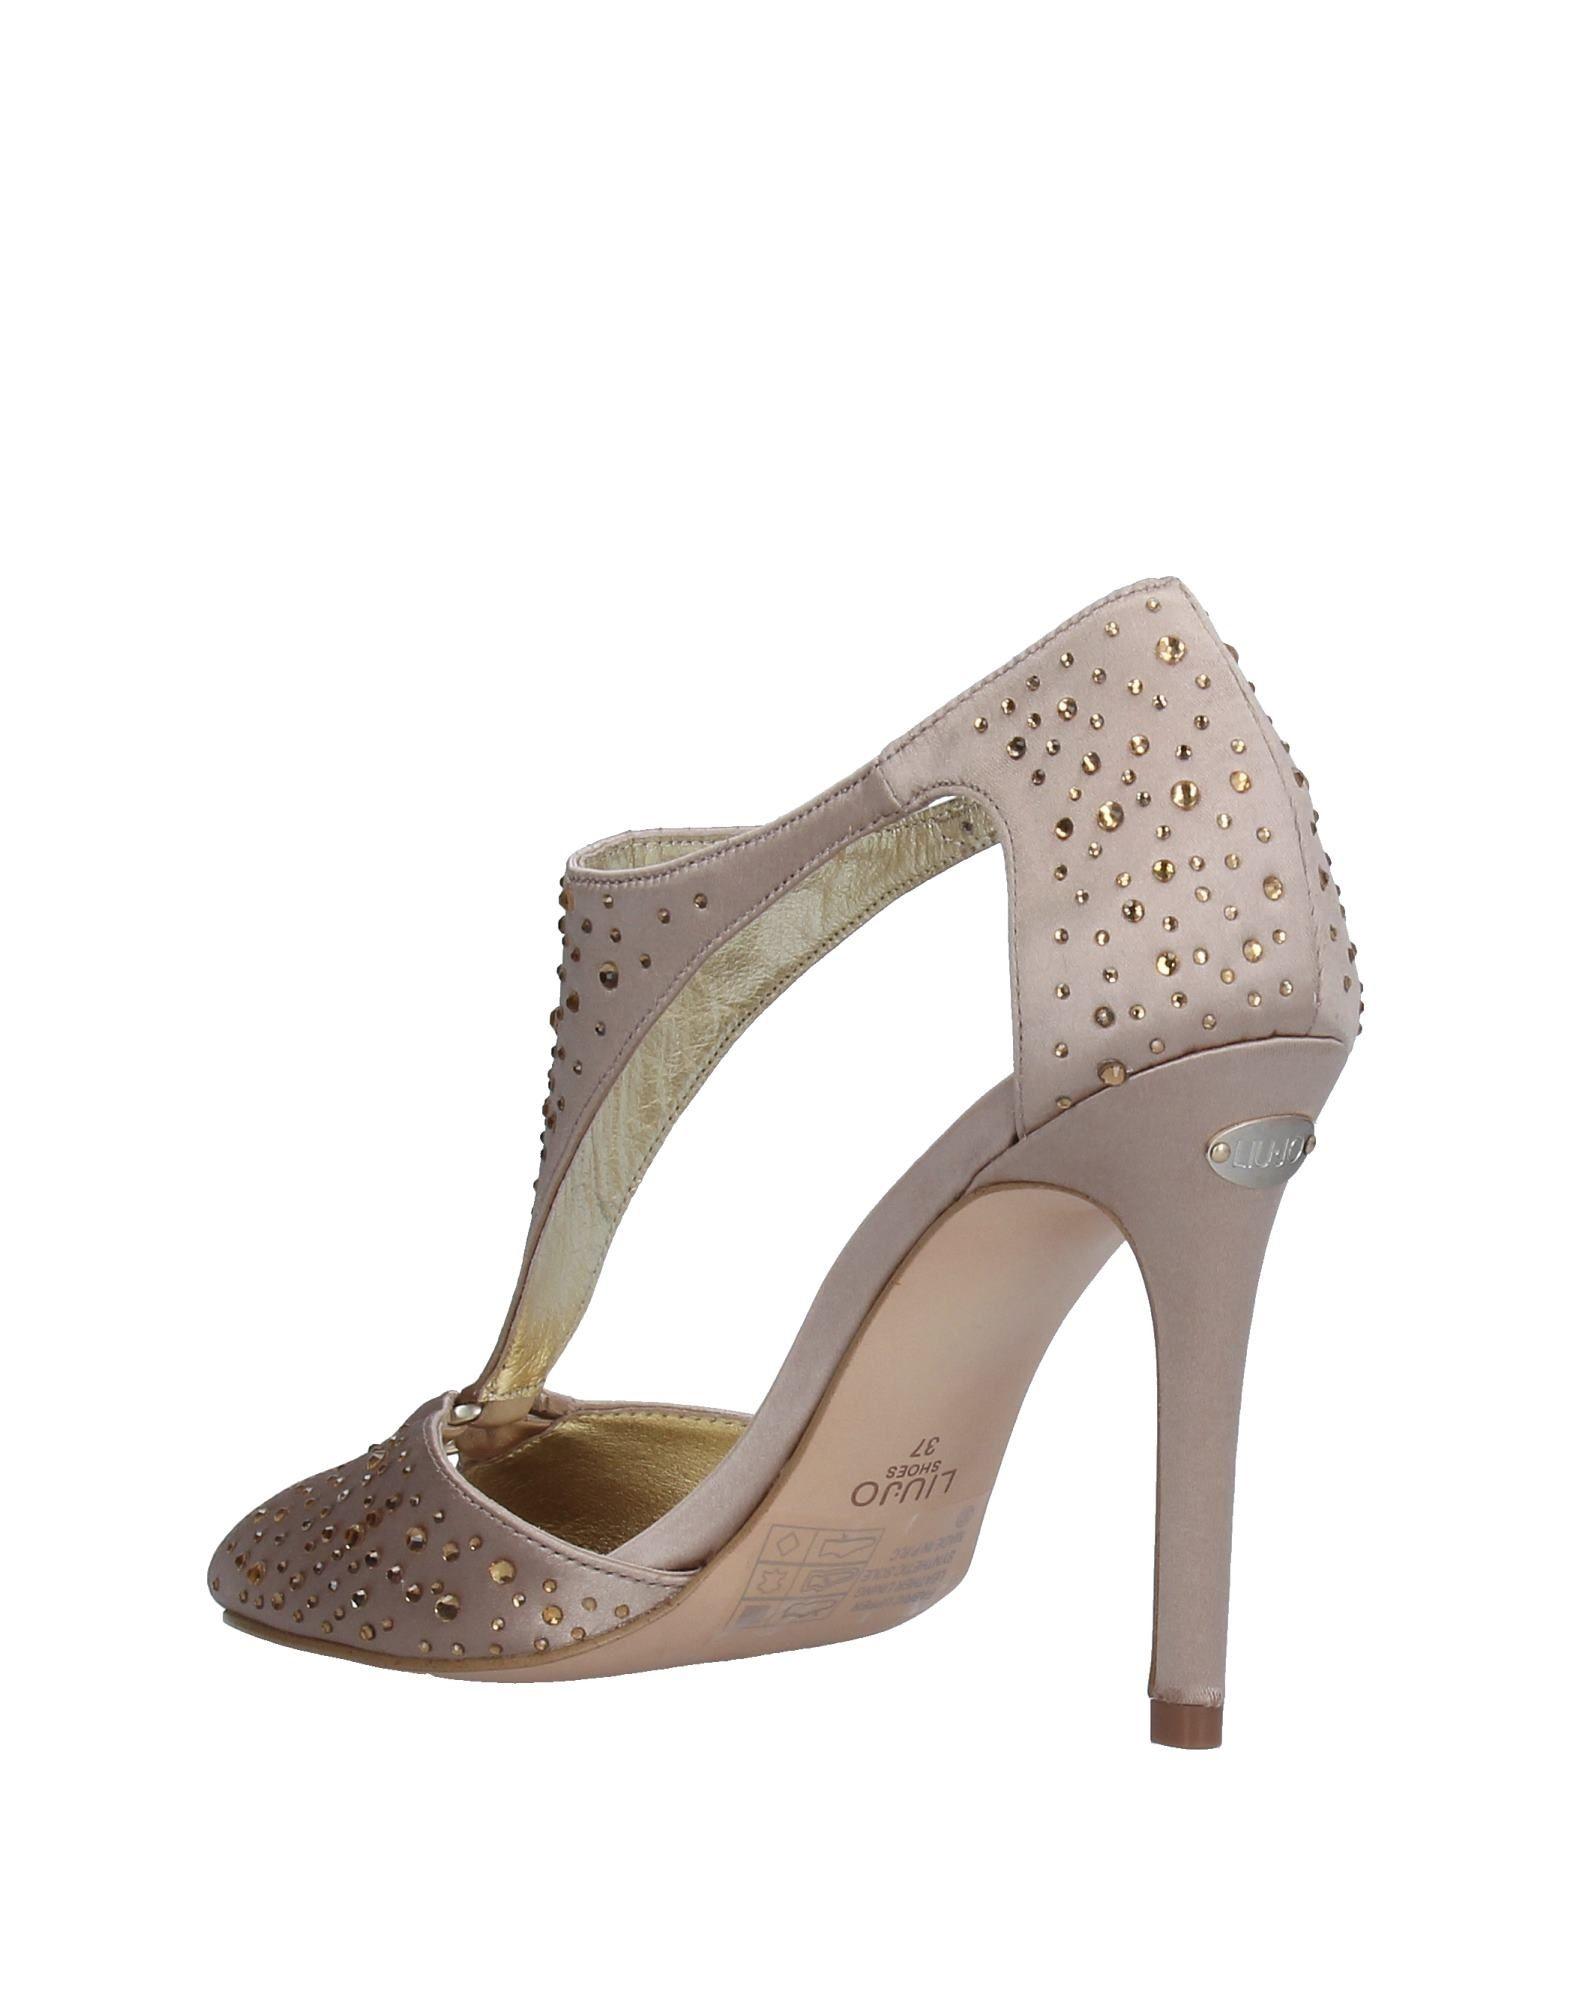 Liu •Jo Shoes Sandalen Damen  11245188AT 11245188AT  Gute Qualität beliebte Schuhe 9f11df